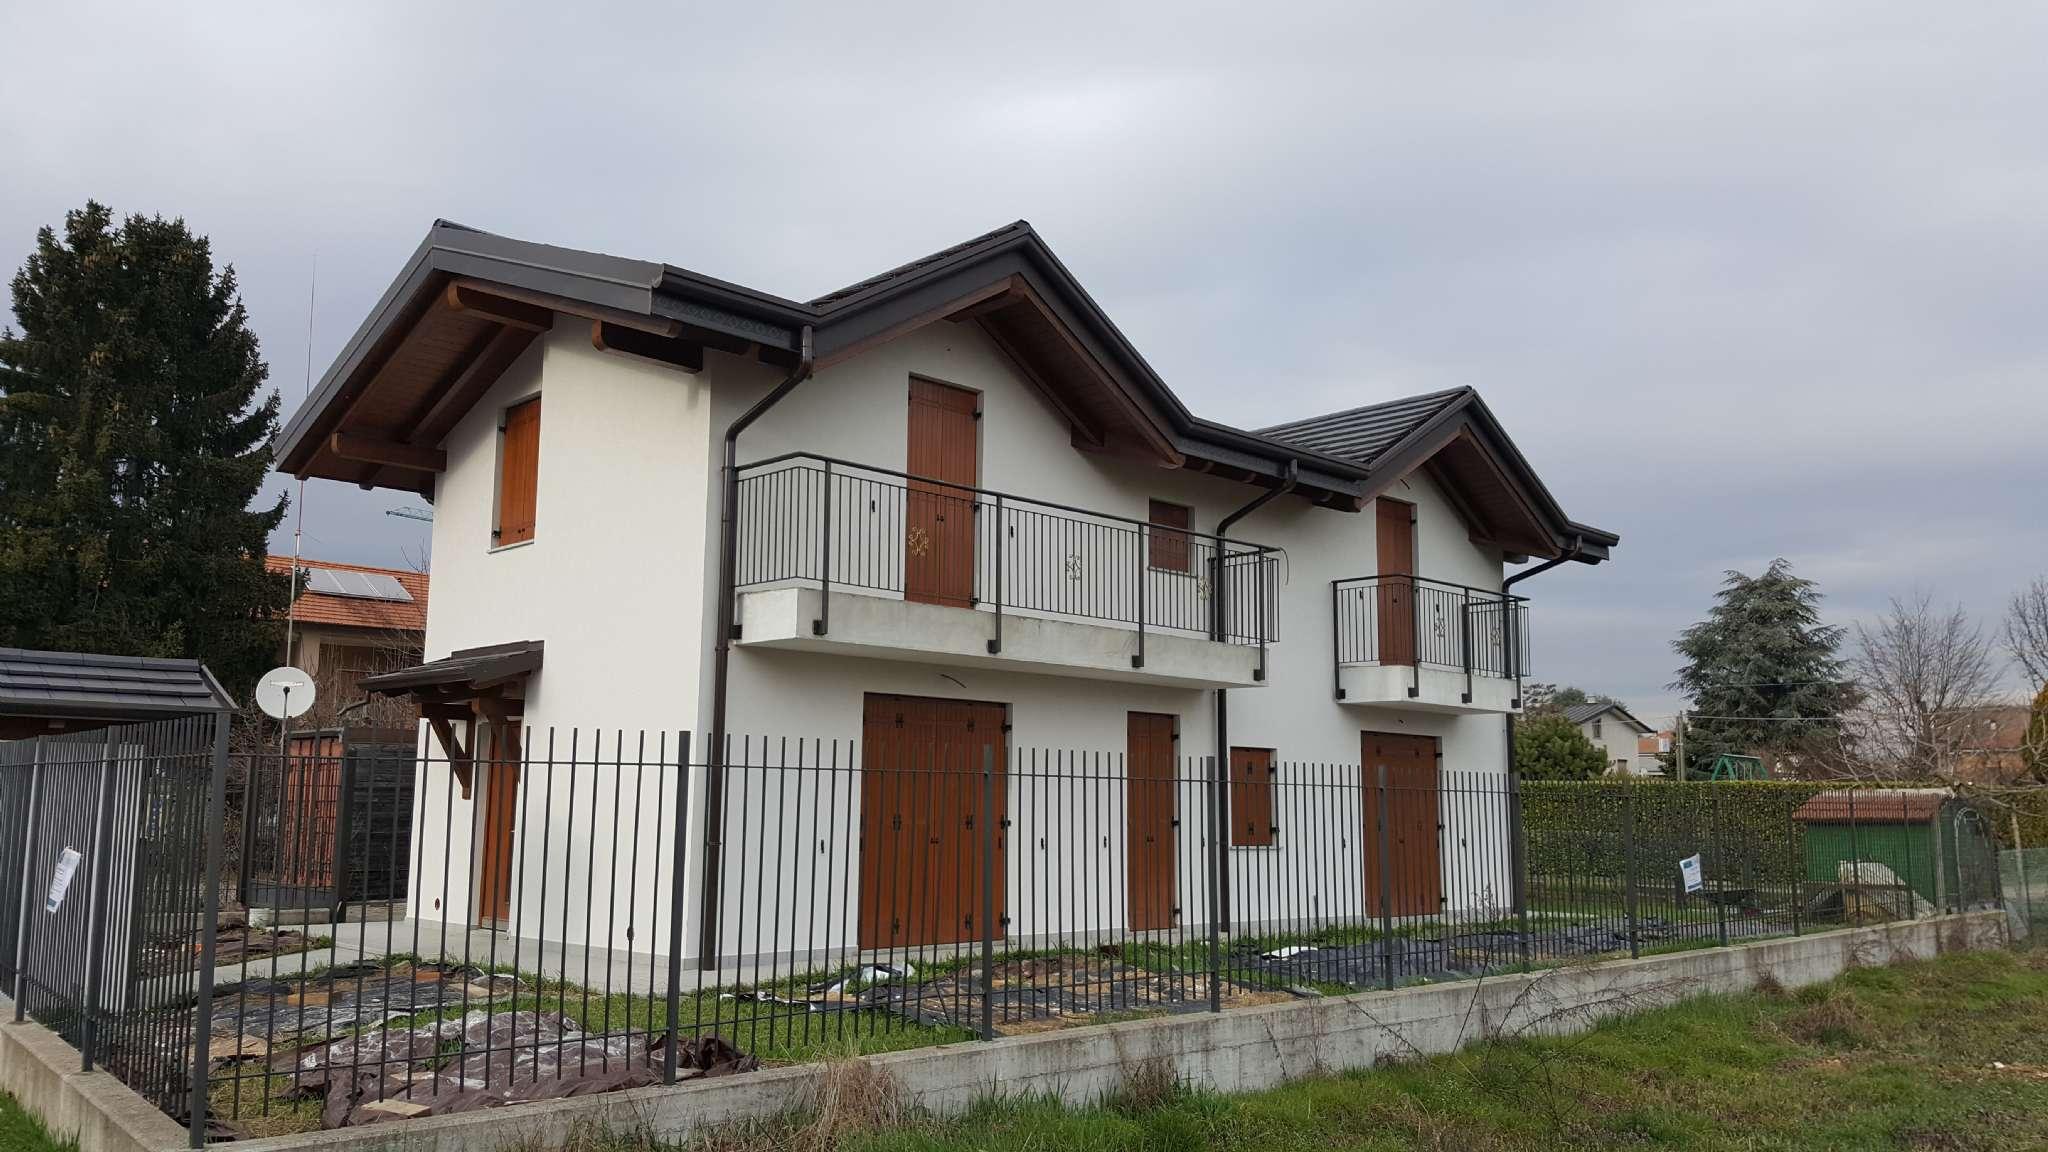 Villa in vendita a Cassano Magnago, 8 locali, prezzo € 295.000 | CambioCasa.it